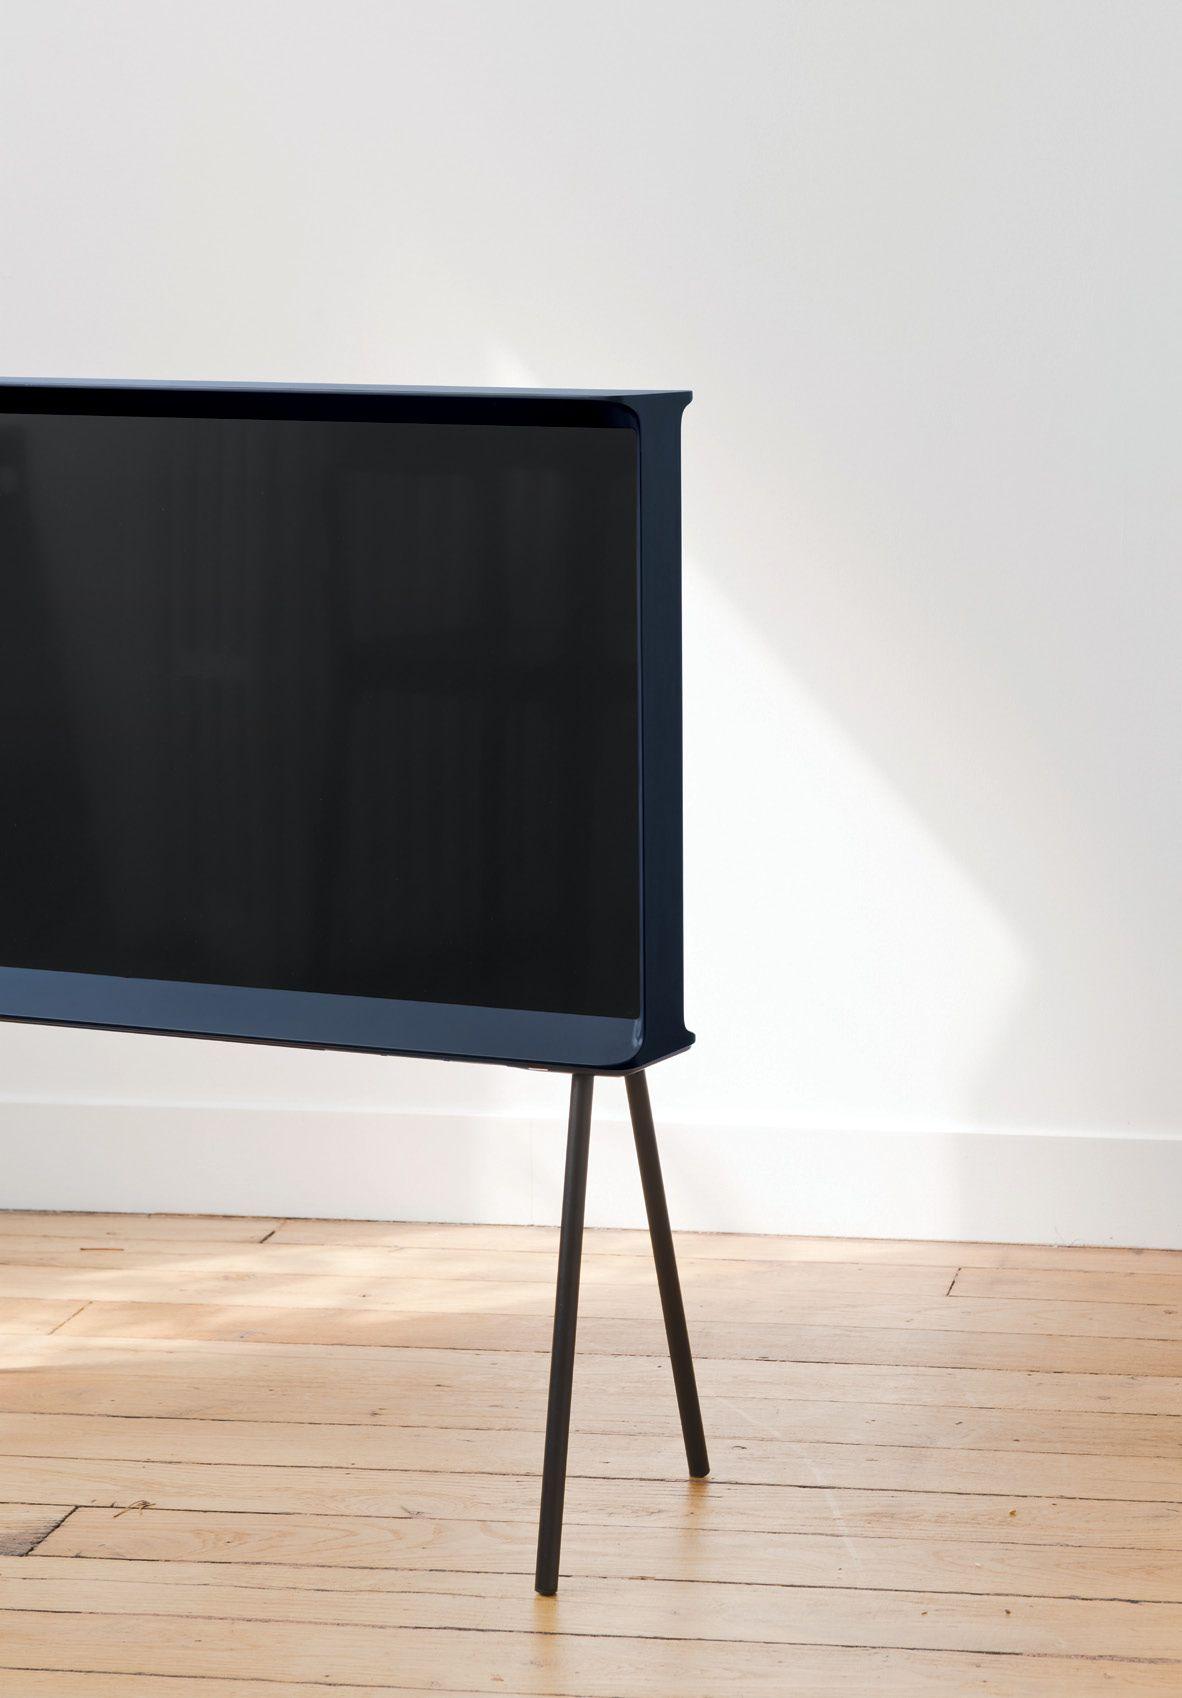 Serif TV - minimalist design - Ronan & Erwan Bouroullec